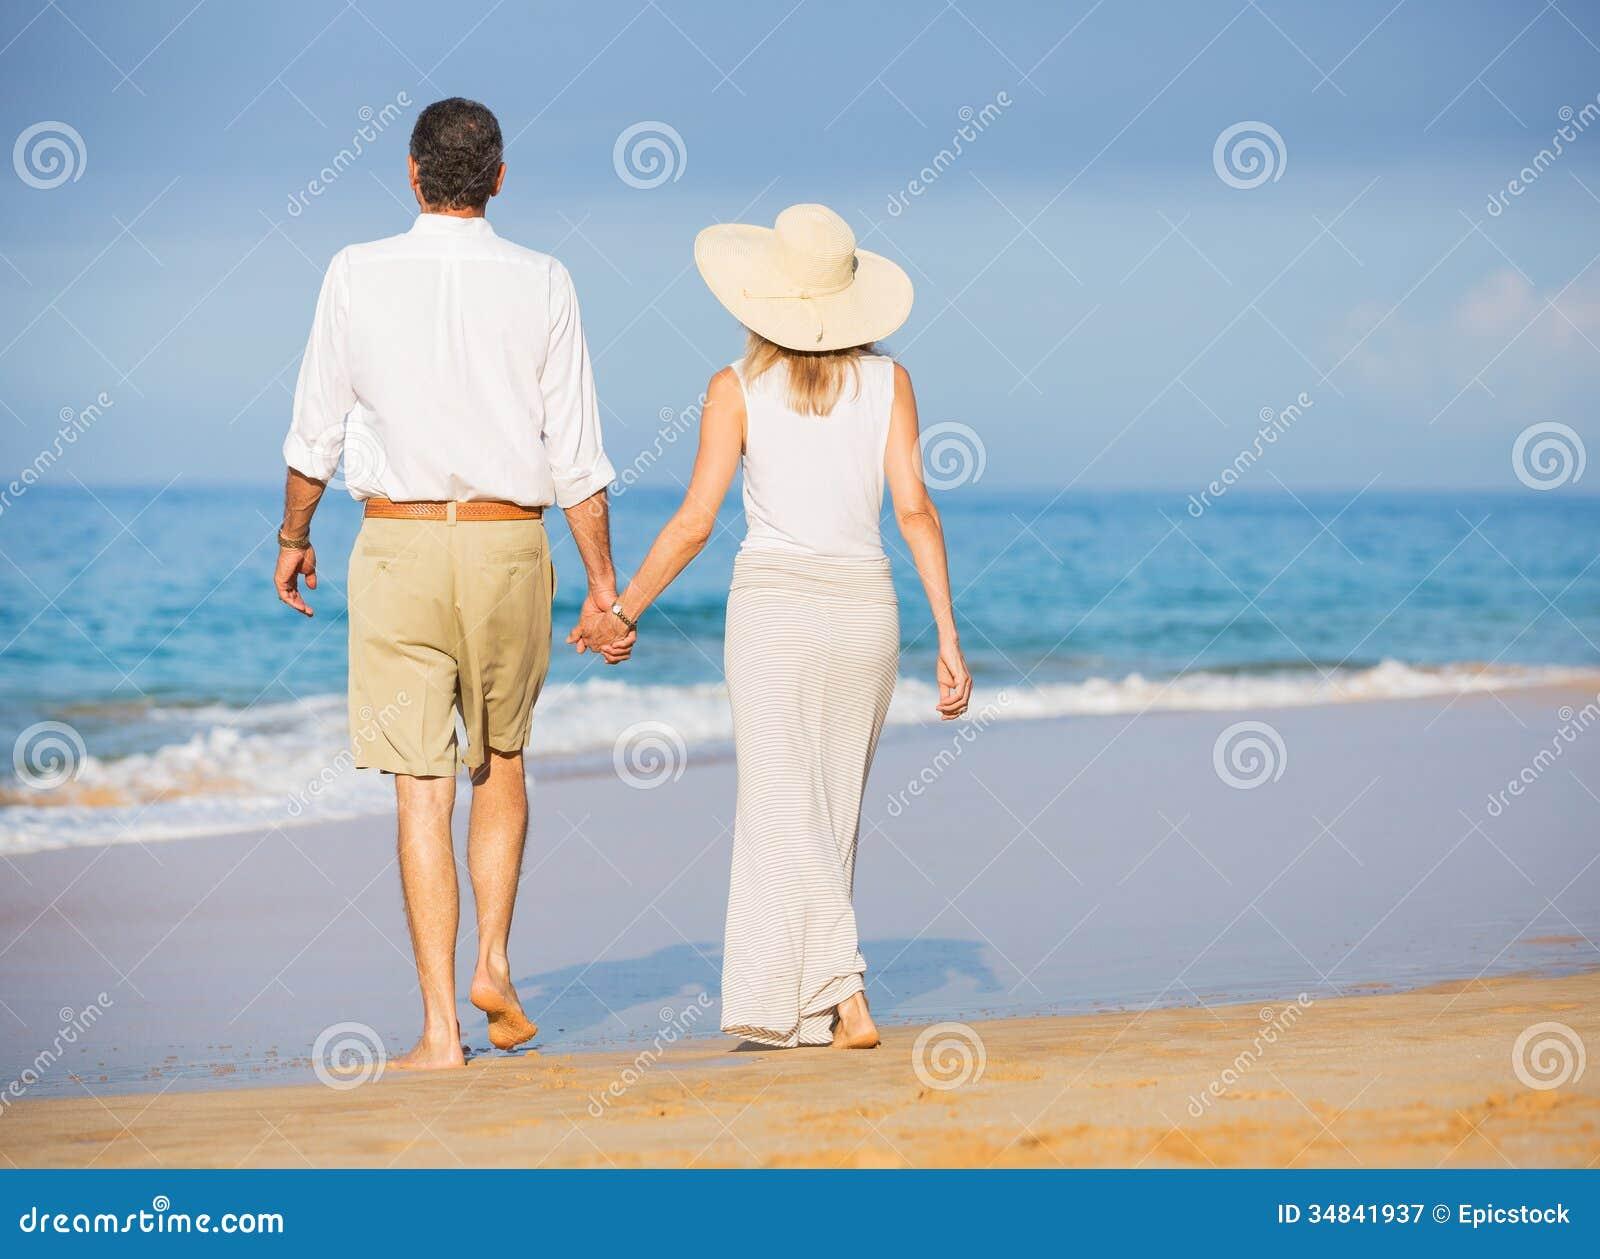 Couples supérieurs heureux sur la plage. Recherche tropicale de luxe de retraite